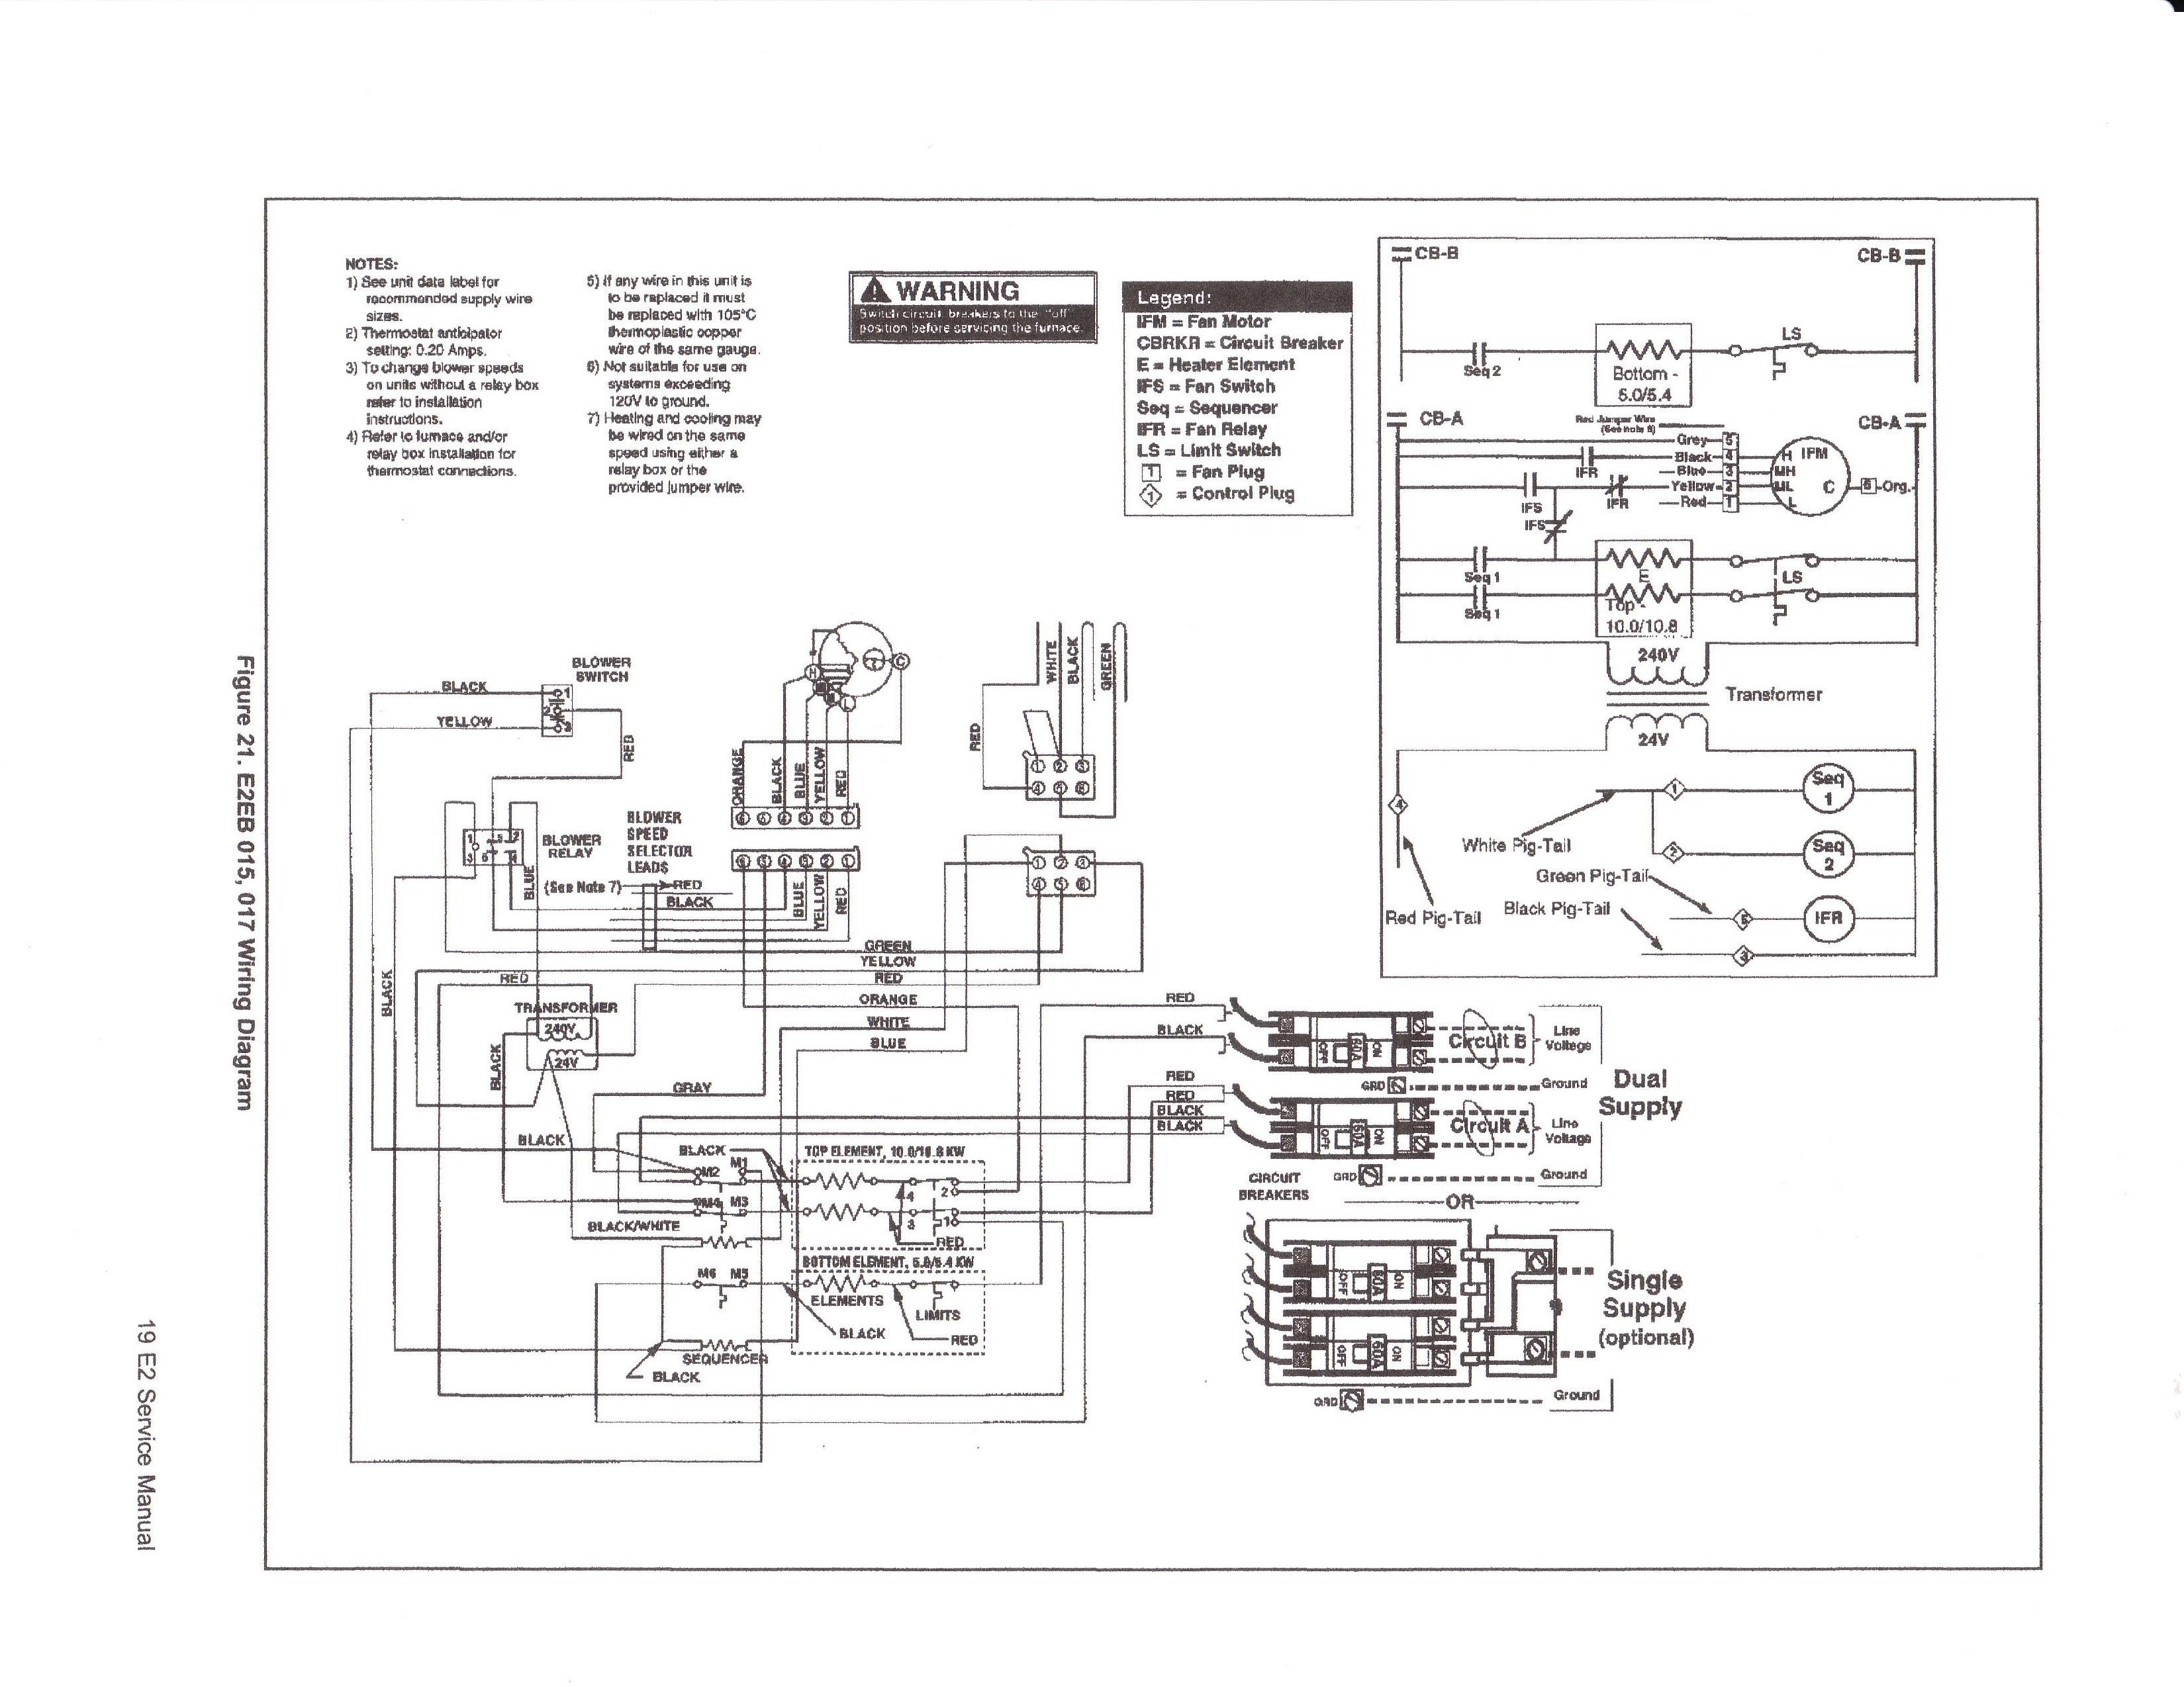 Nordyne Wiring Diagram - Wiring Diagram Data - Nordyne Wiring Diagram Electric Furnace